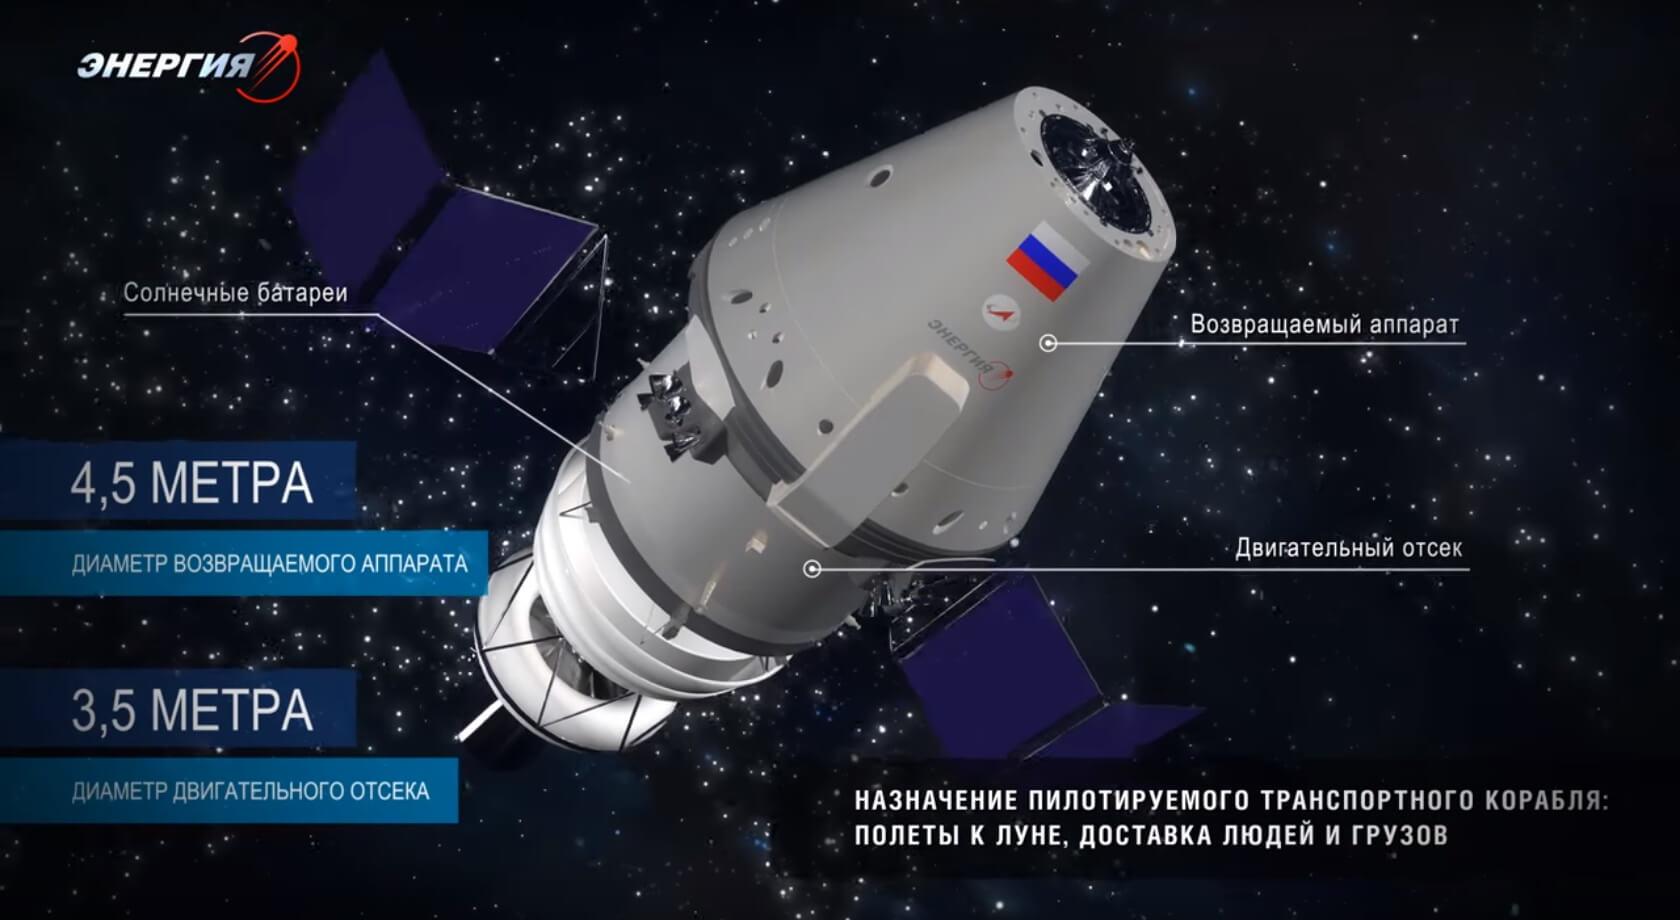 российский космический аппарат федерация дешевле американского dragon